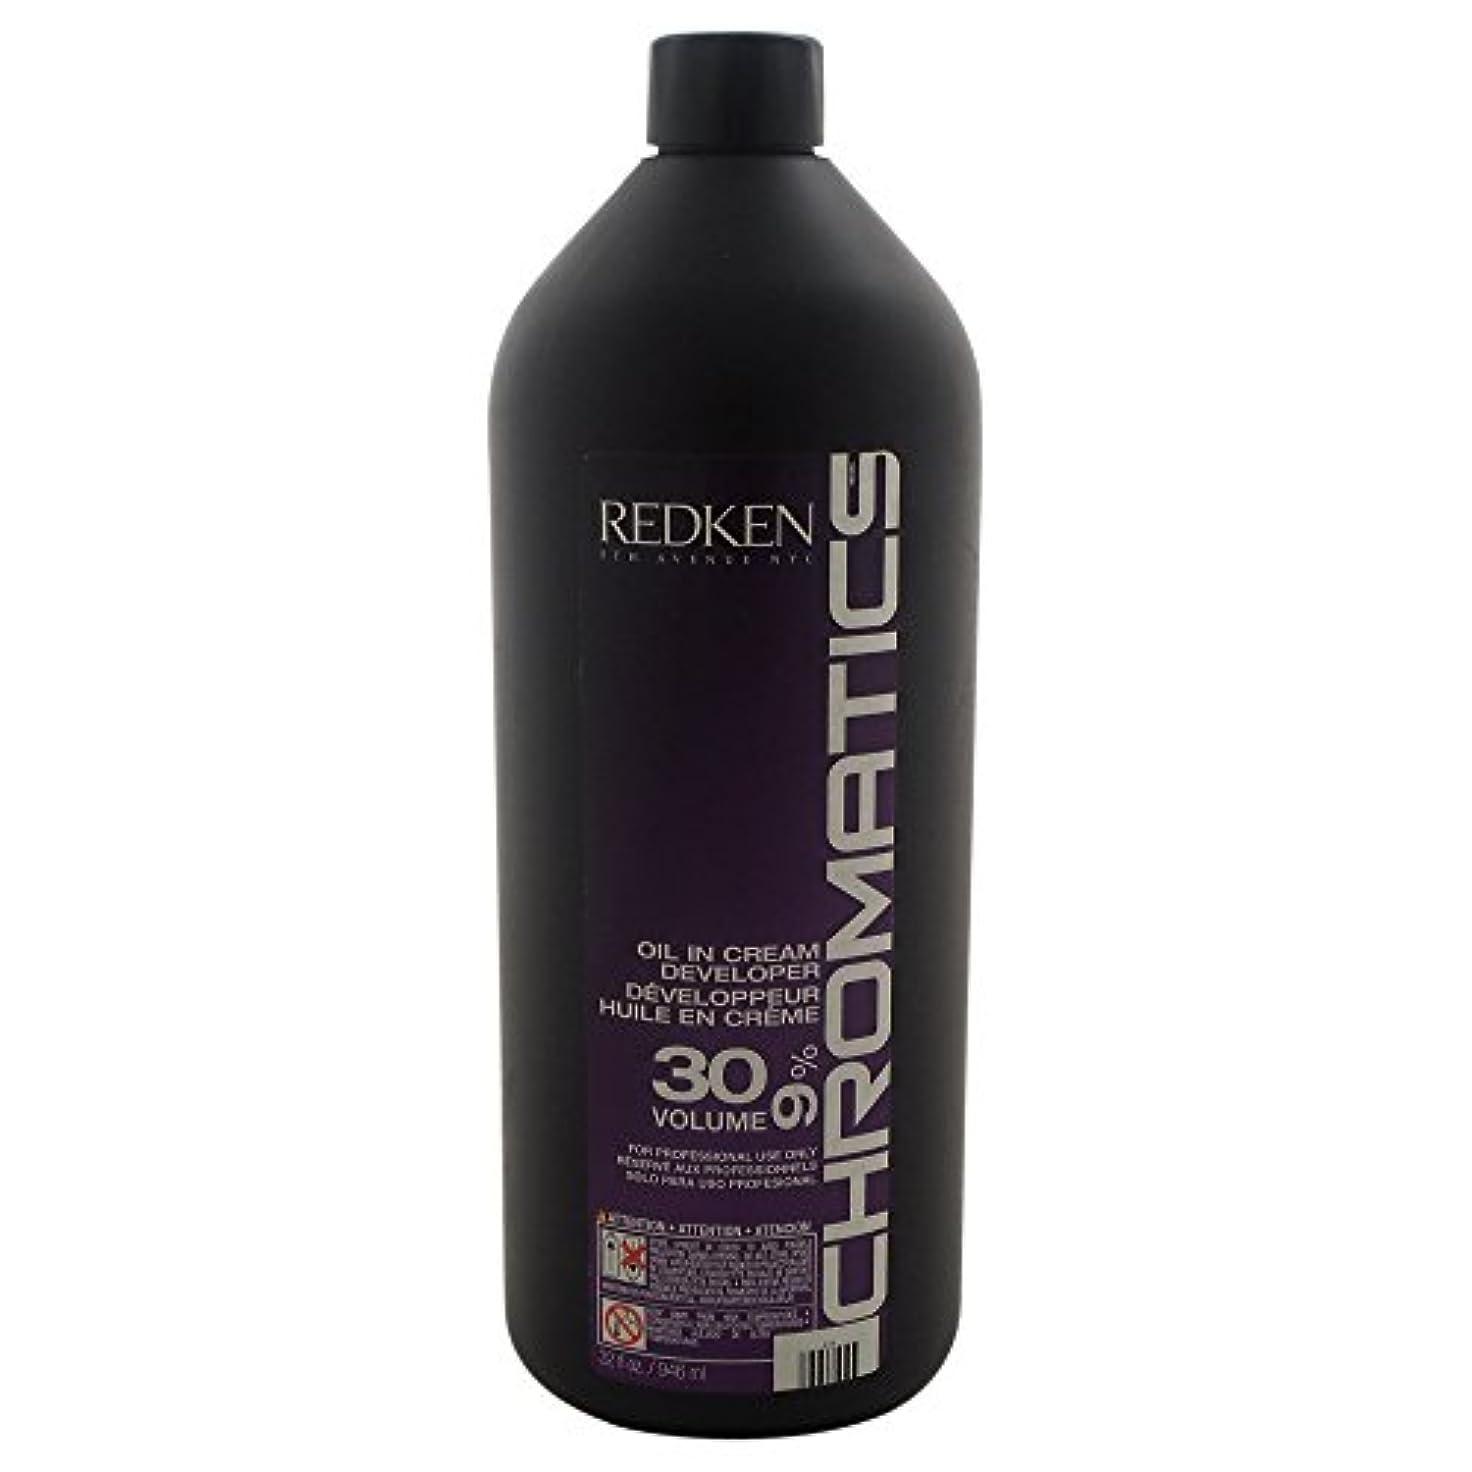 シンカン厚くする重さRedken Chromatics Oil In Cream Developer 30 Volume 9 Percent Cream, 32 Ounce by Redken